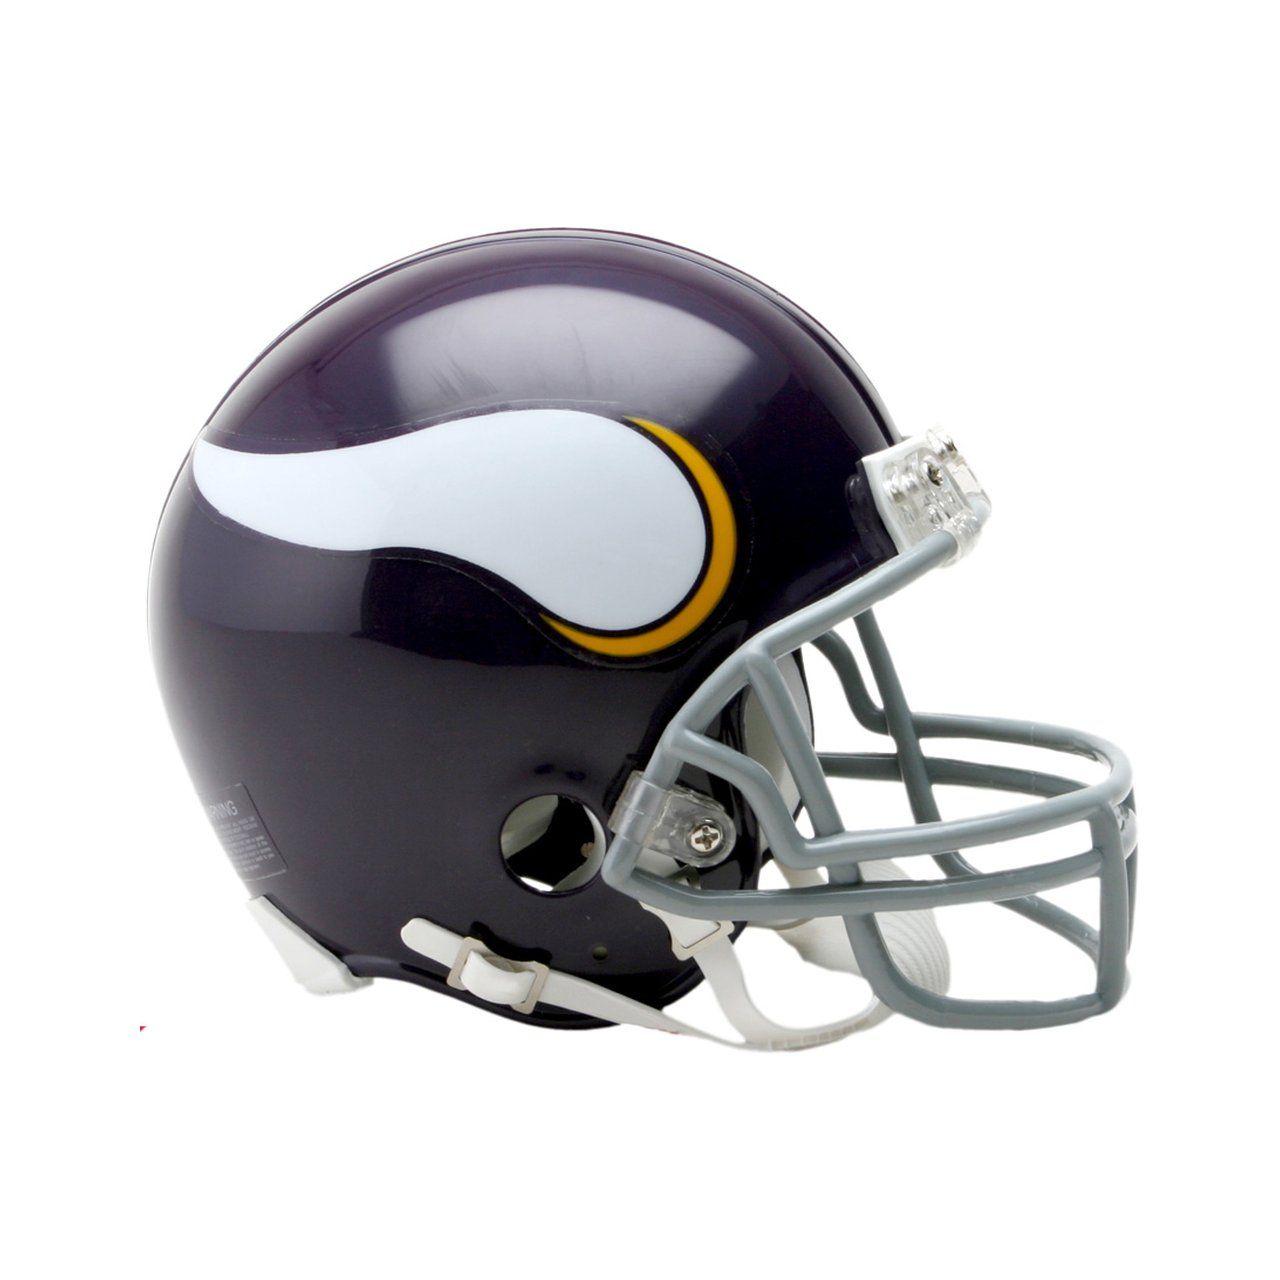 amfoo - Riddell VSR4 Mini Football Helm - Minnesota Vikings 1961-79